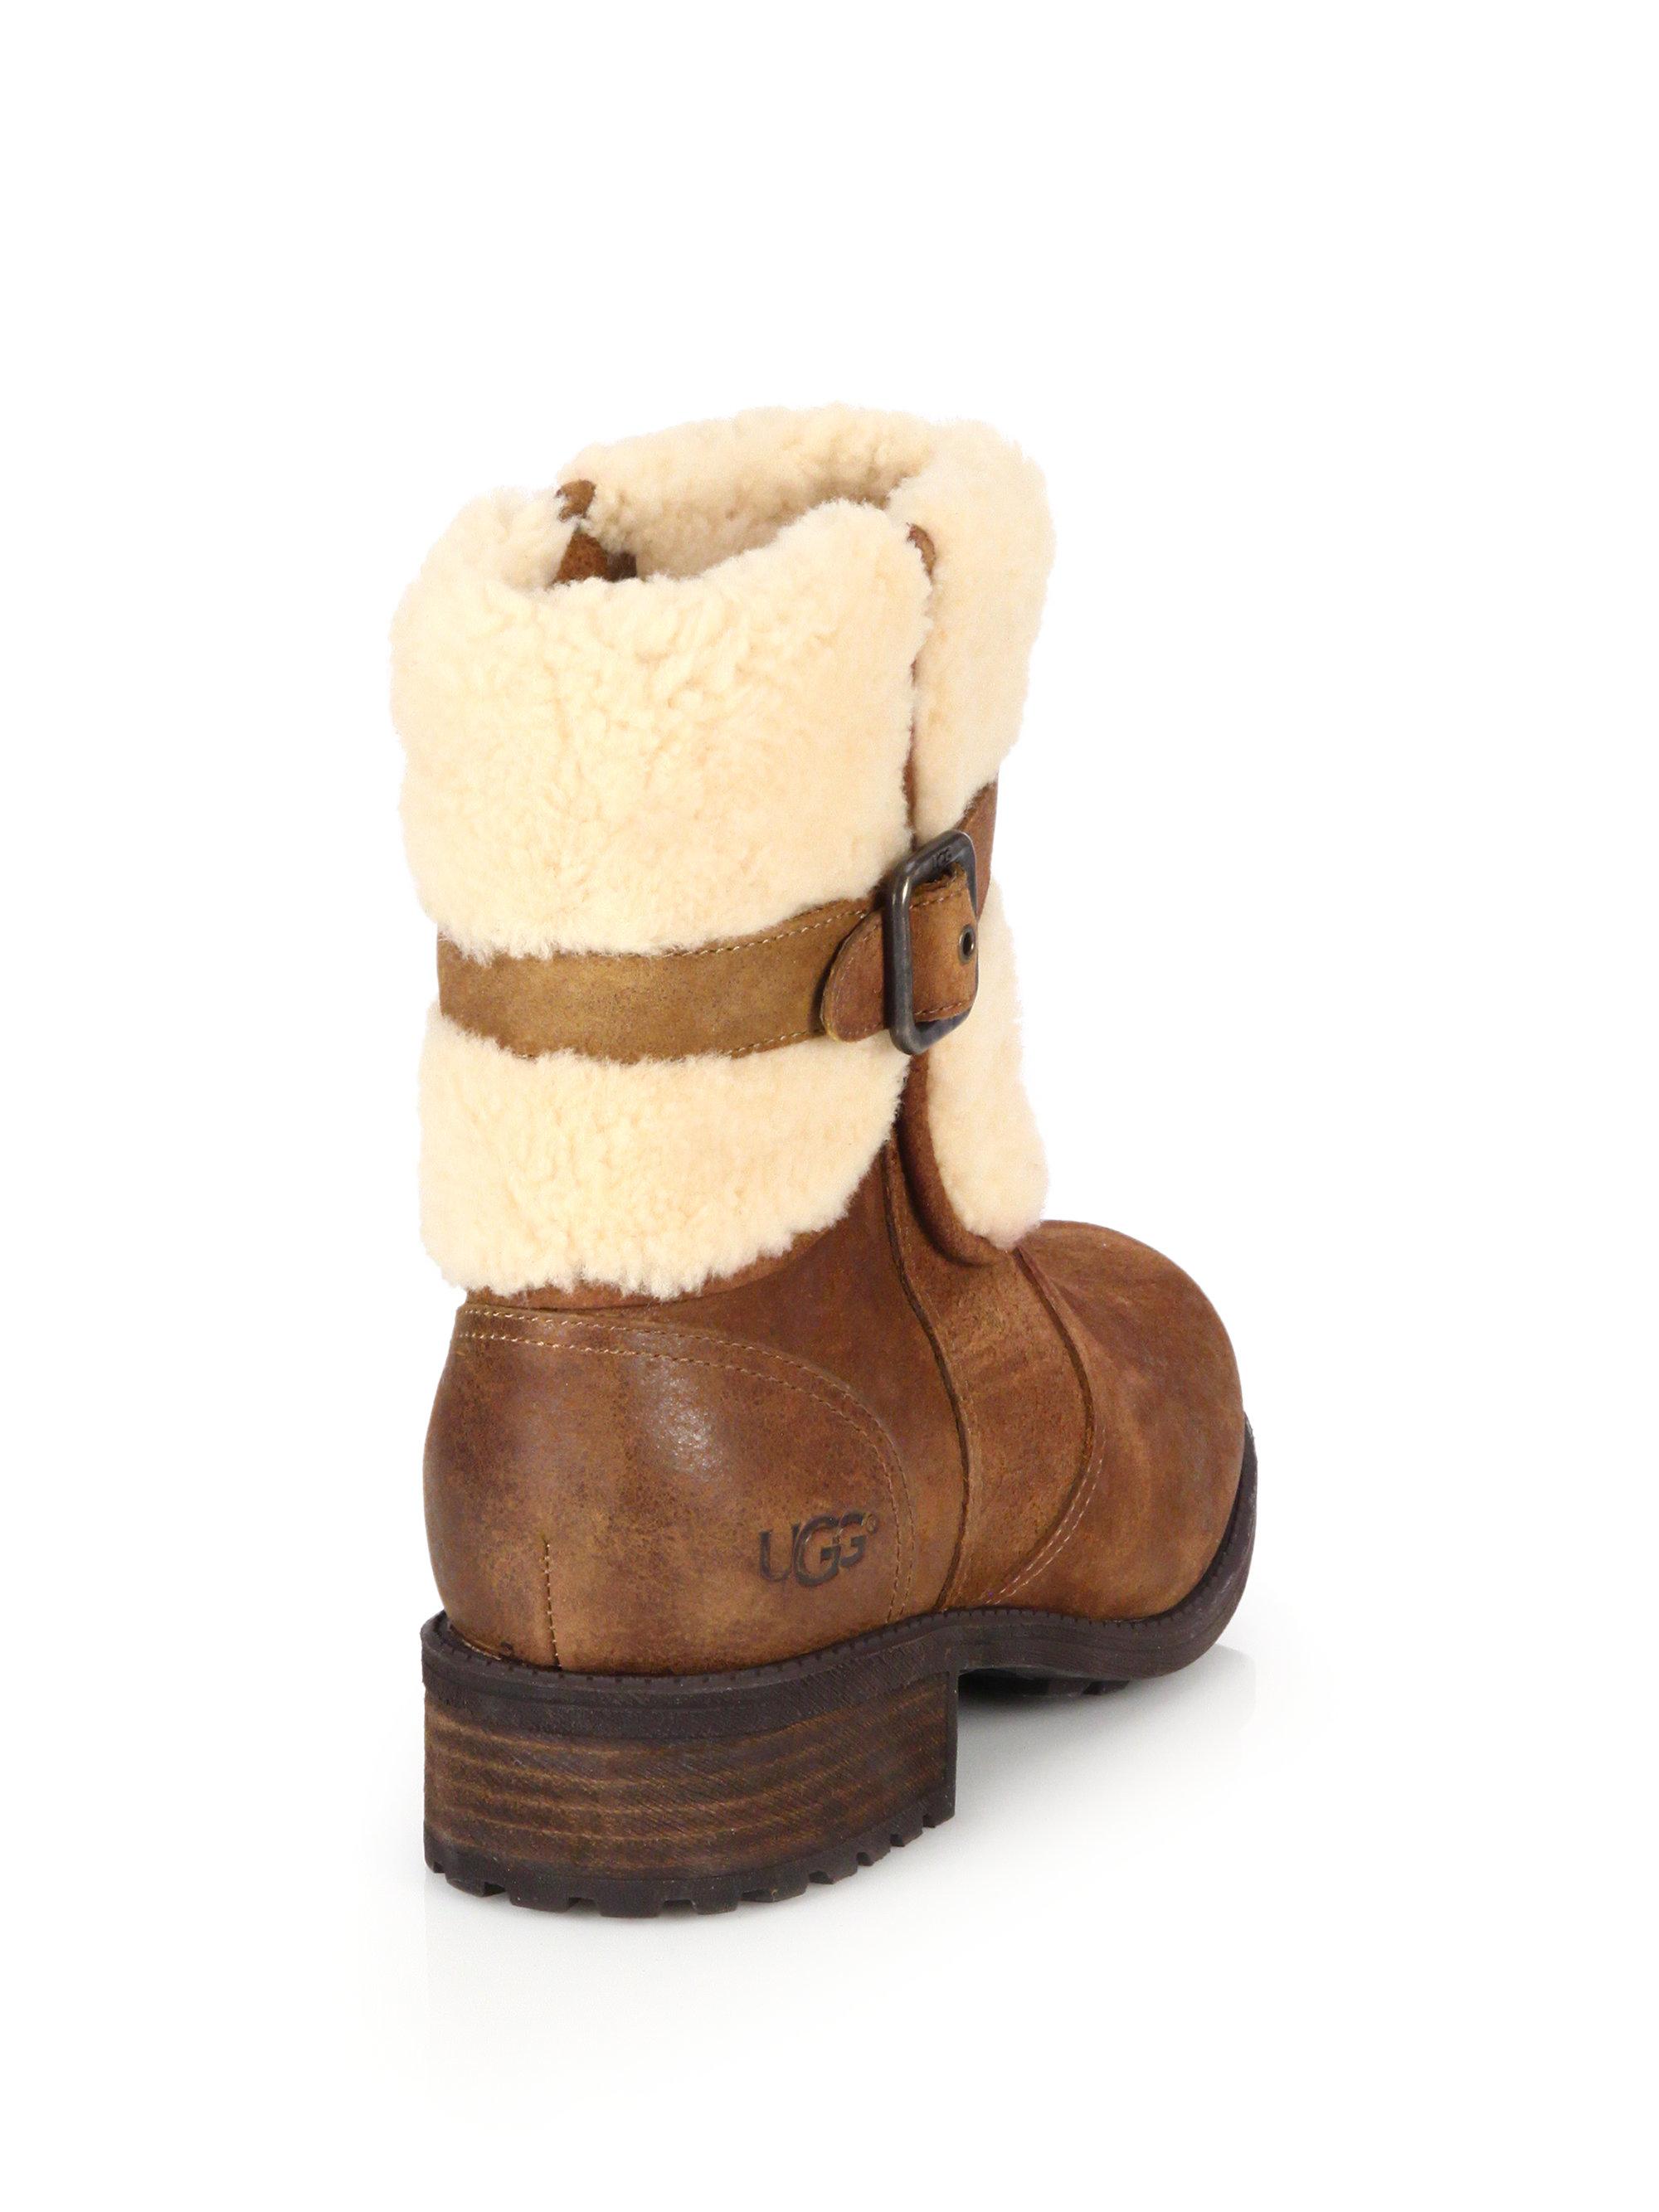 e974643e216 Boot Cuffs Canada - Usefulresults